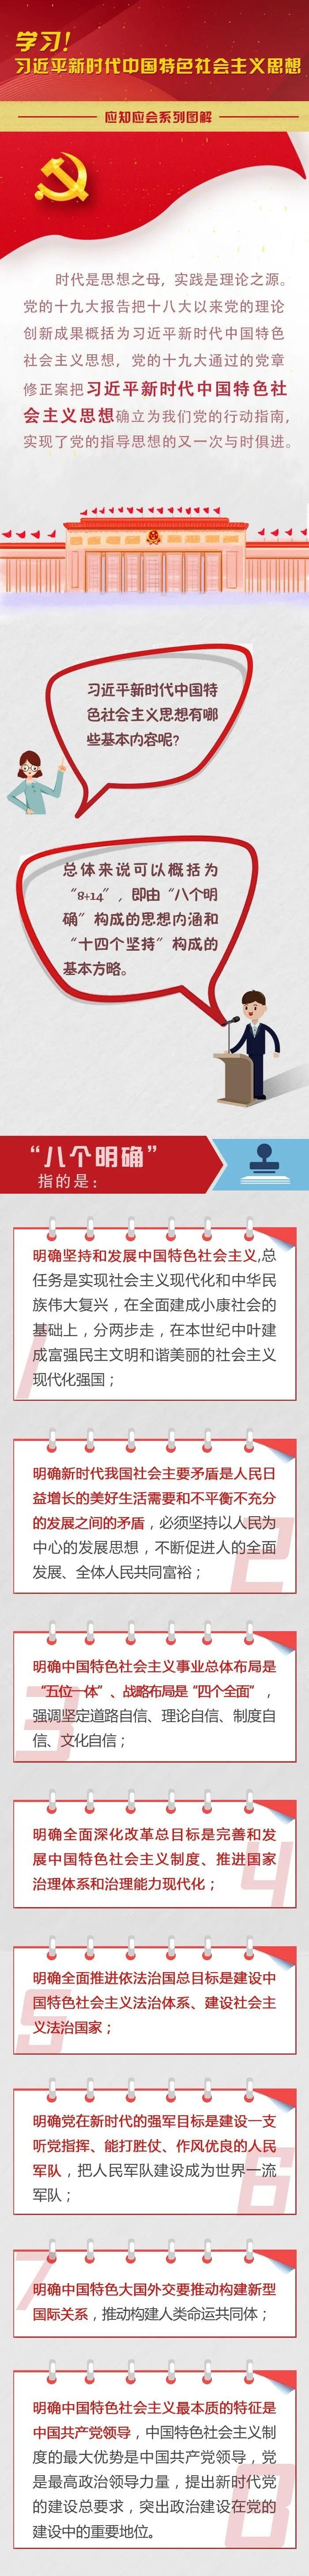 【应知应会】一图看懂习近平新时代中国特色社会主义思想